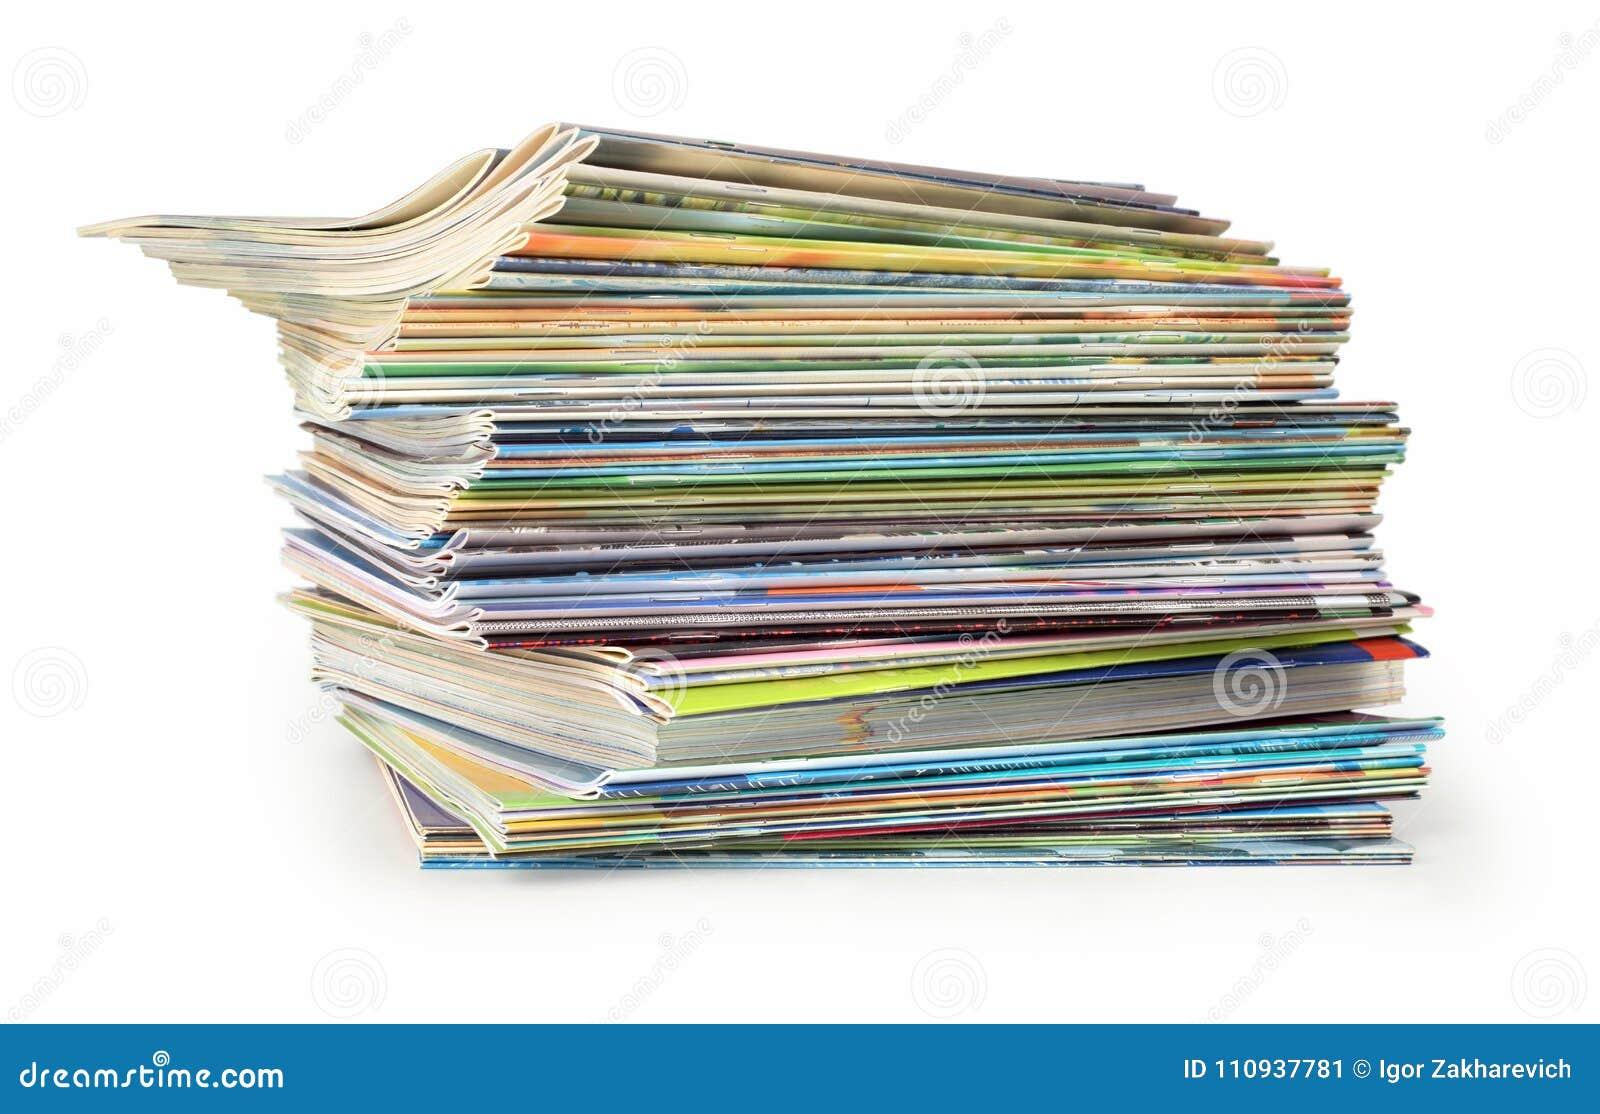 Ein Stapel farbige Zeitschriften auf einem weißen Hintergrund